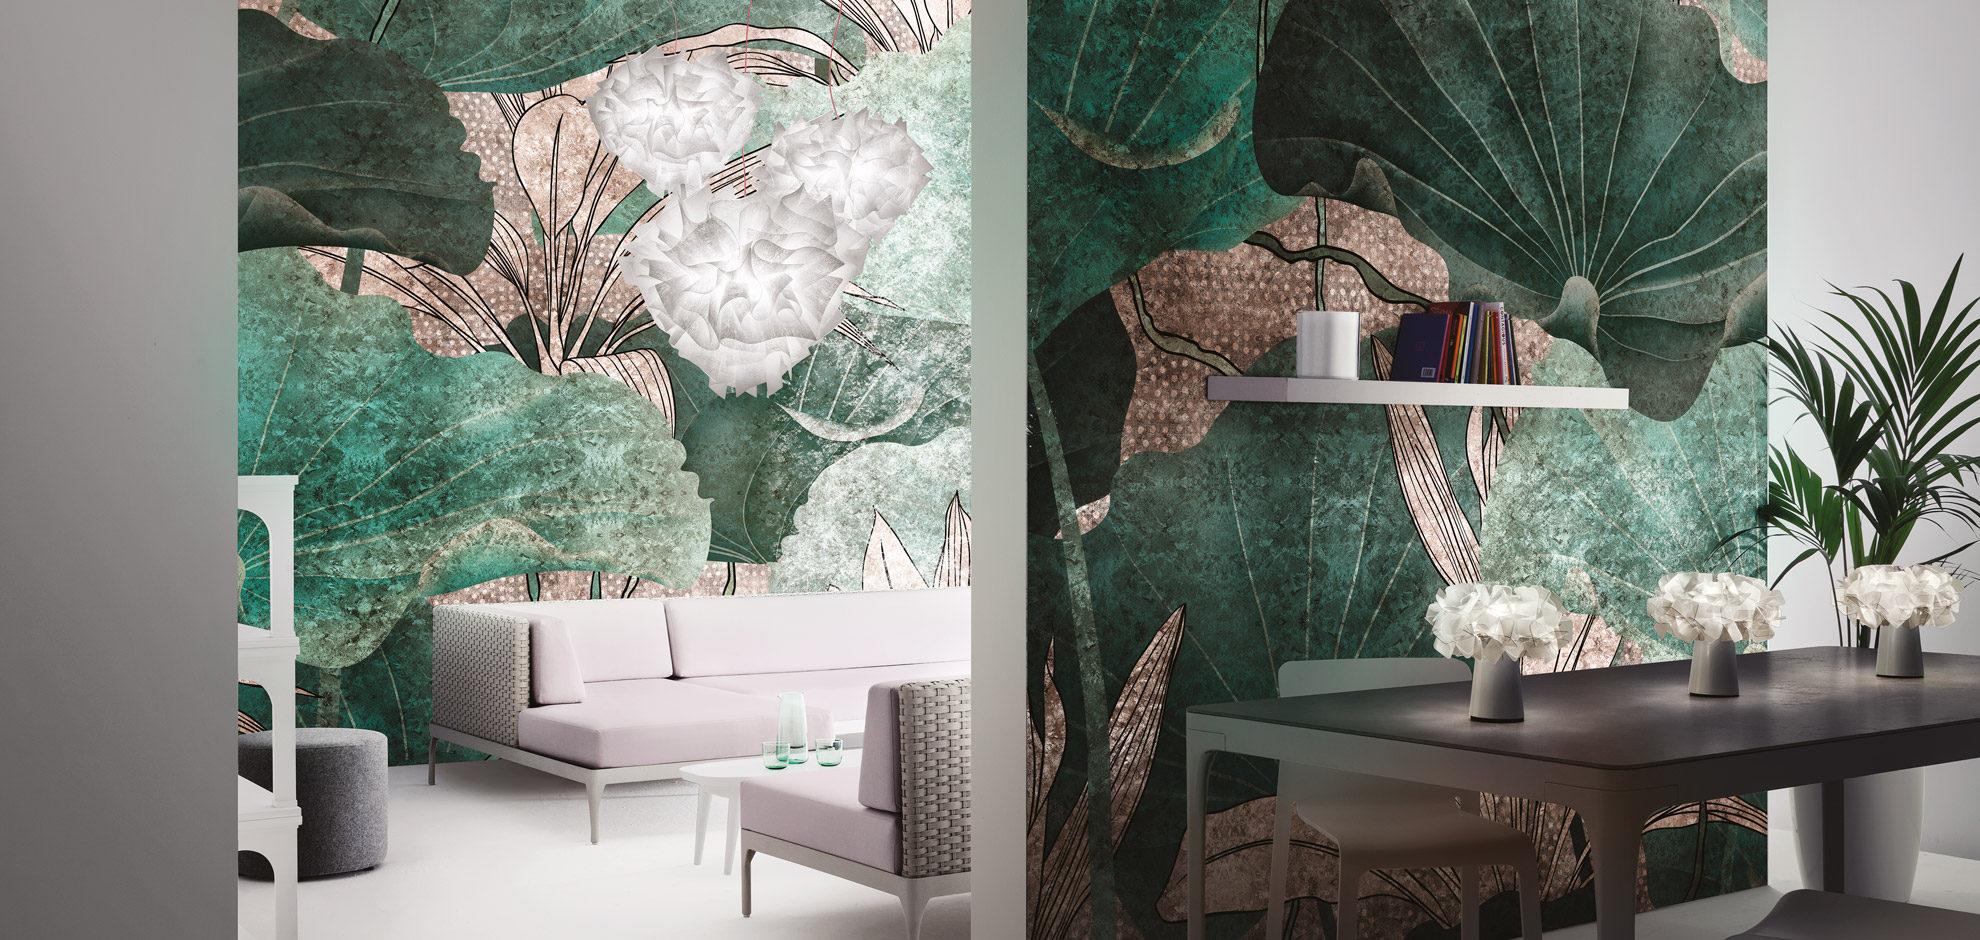 Murales artísticos decorativos a medida, vinilo o fibra de vidrio